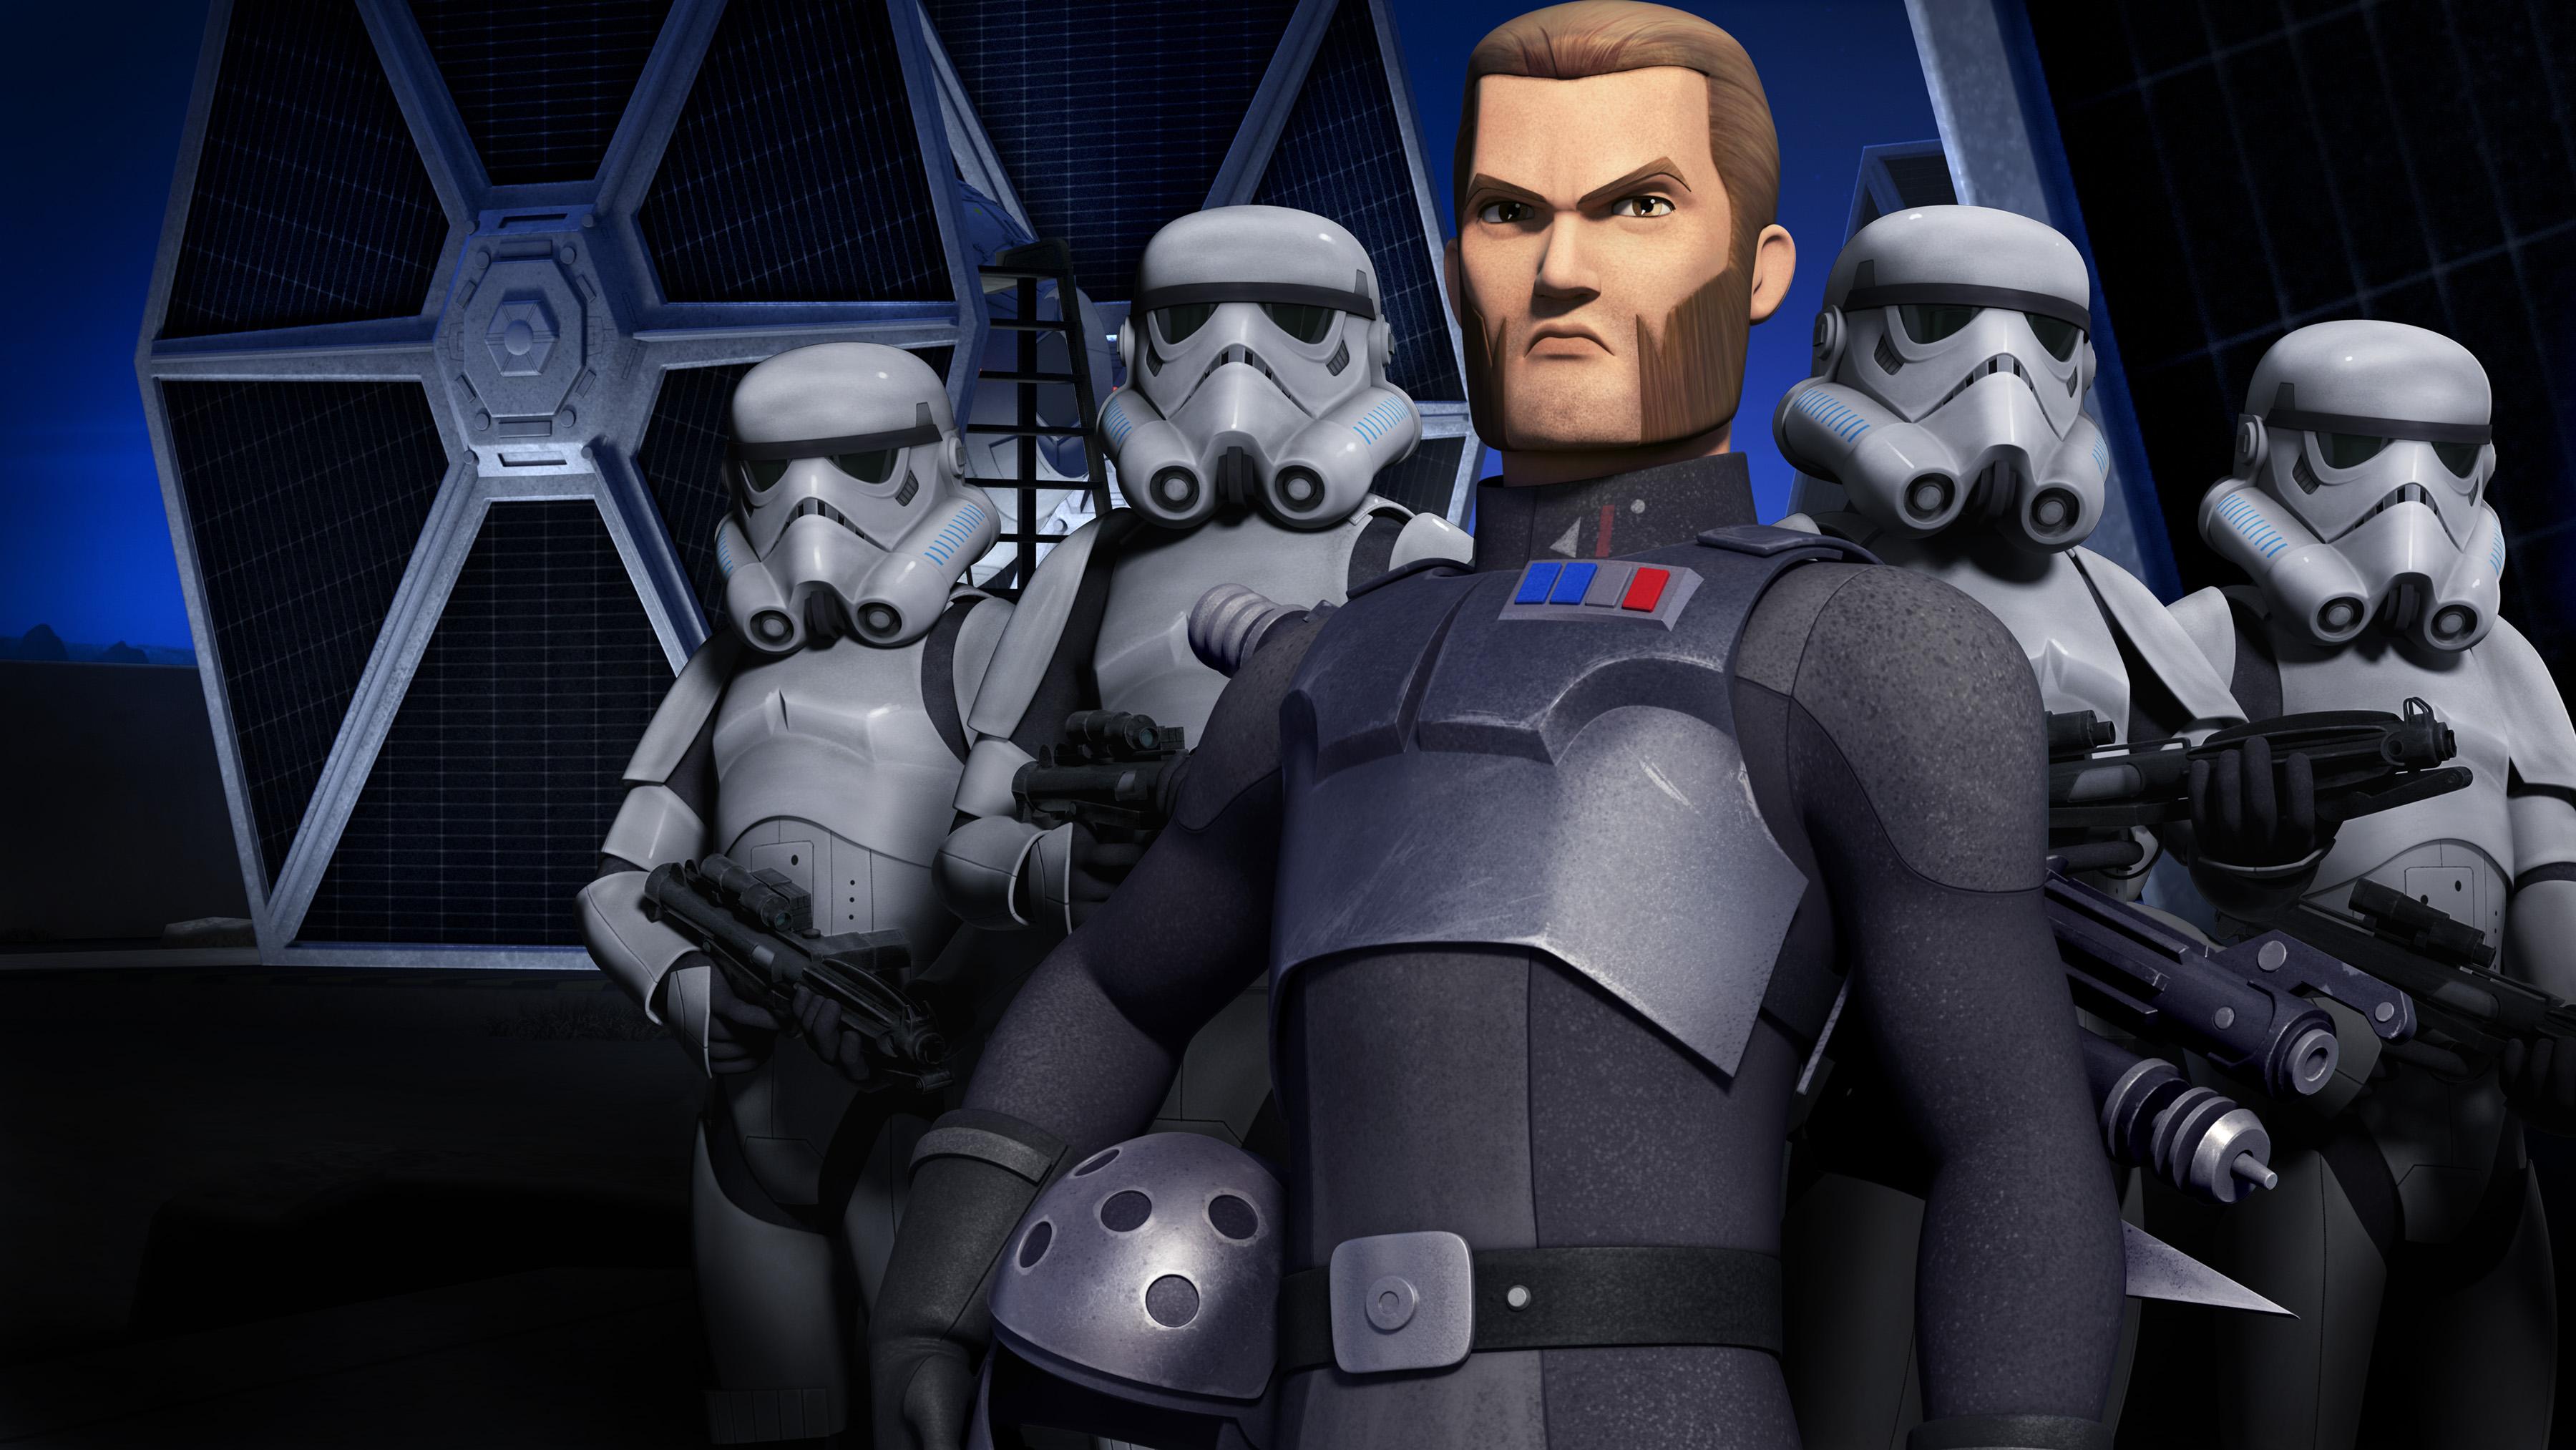 Agent Kallus Clone Trooper Star Wars Rebels 3600x2026